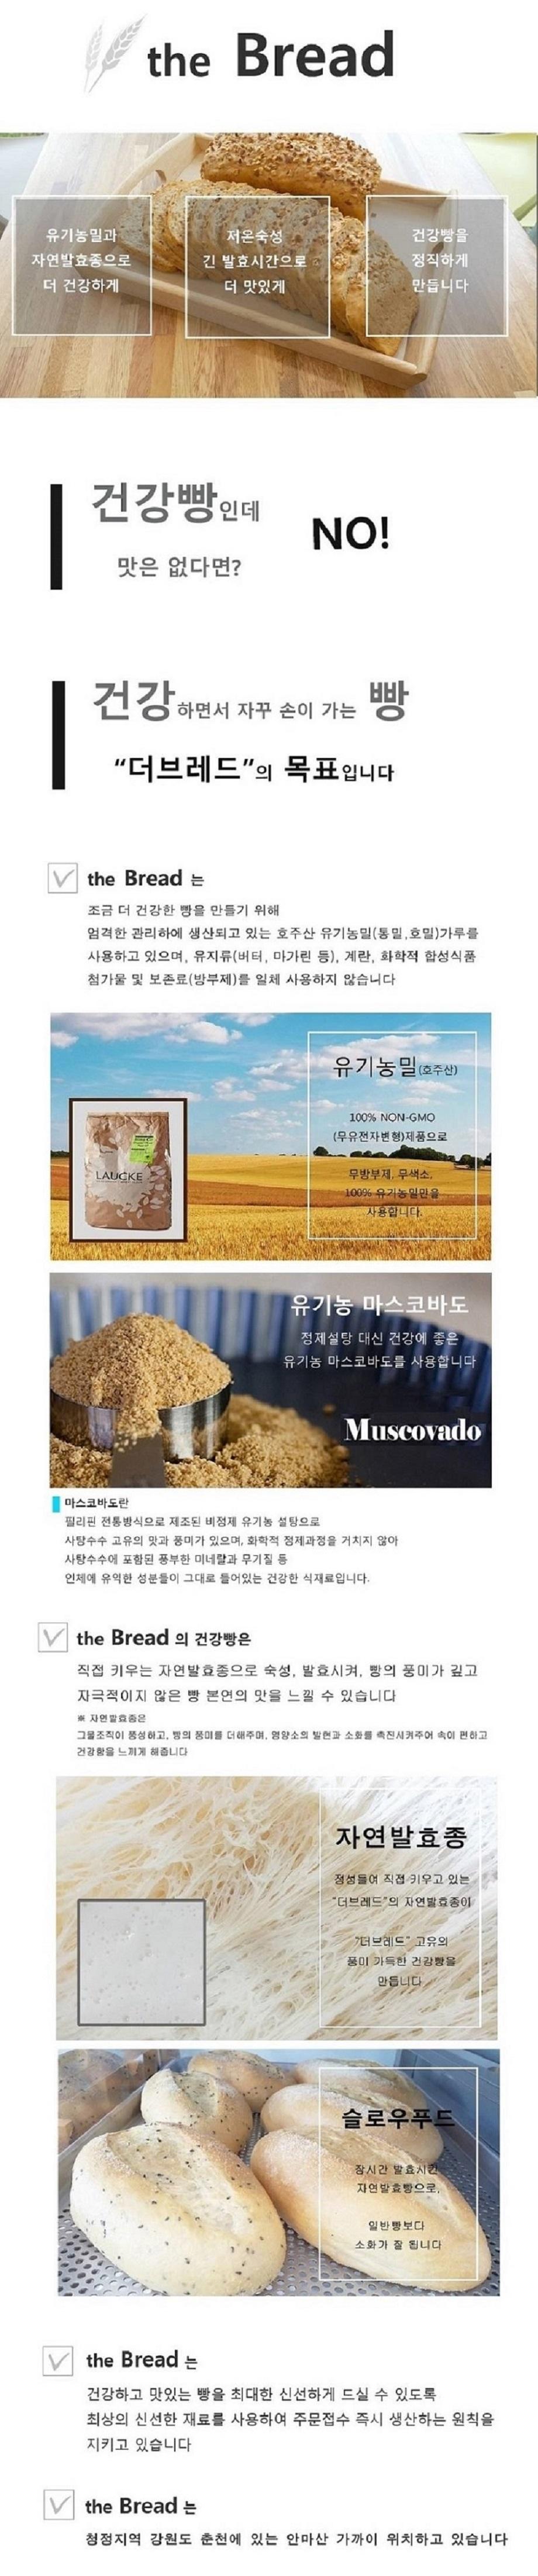 유기농통밀빵-장발장(No충전물 플레인)1kg 2팩(운동빵) - 더브레드, 33,800원, 쿠키/케익/빵, 빵